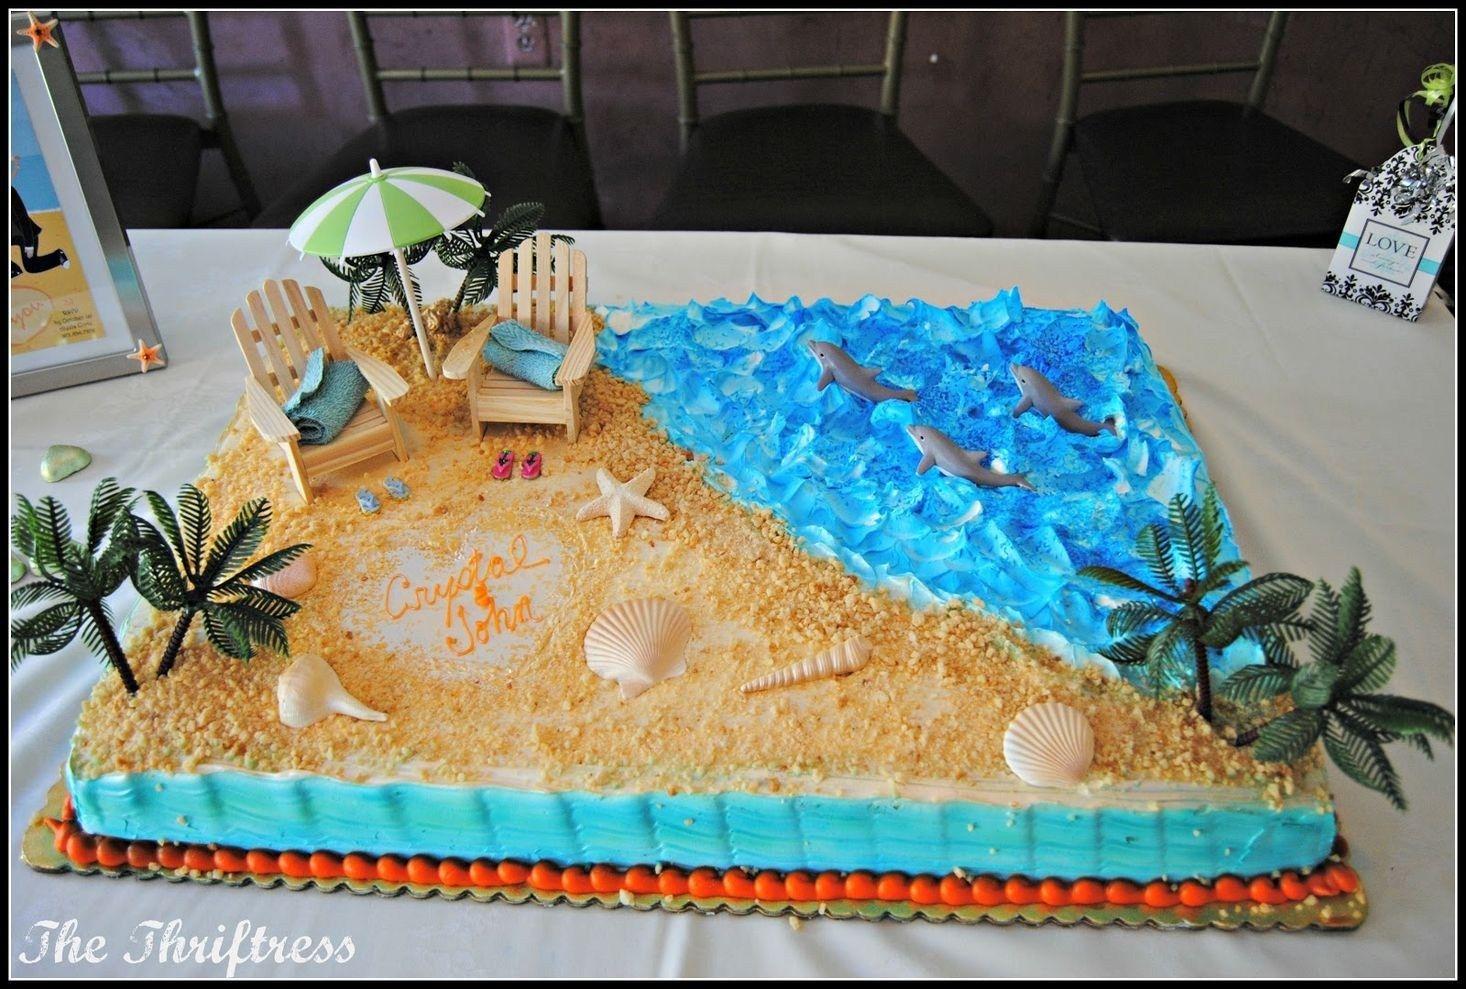 самое время торт с морем и пляжем фото имеющимся данным, кузнецов